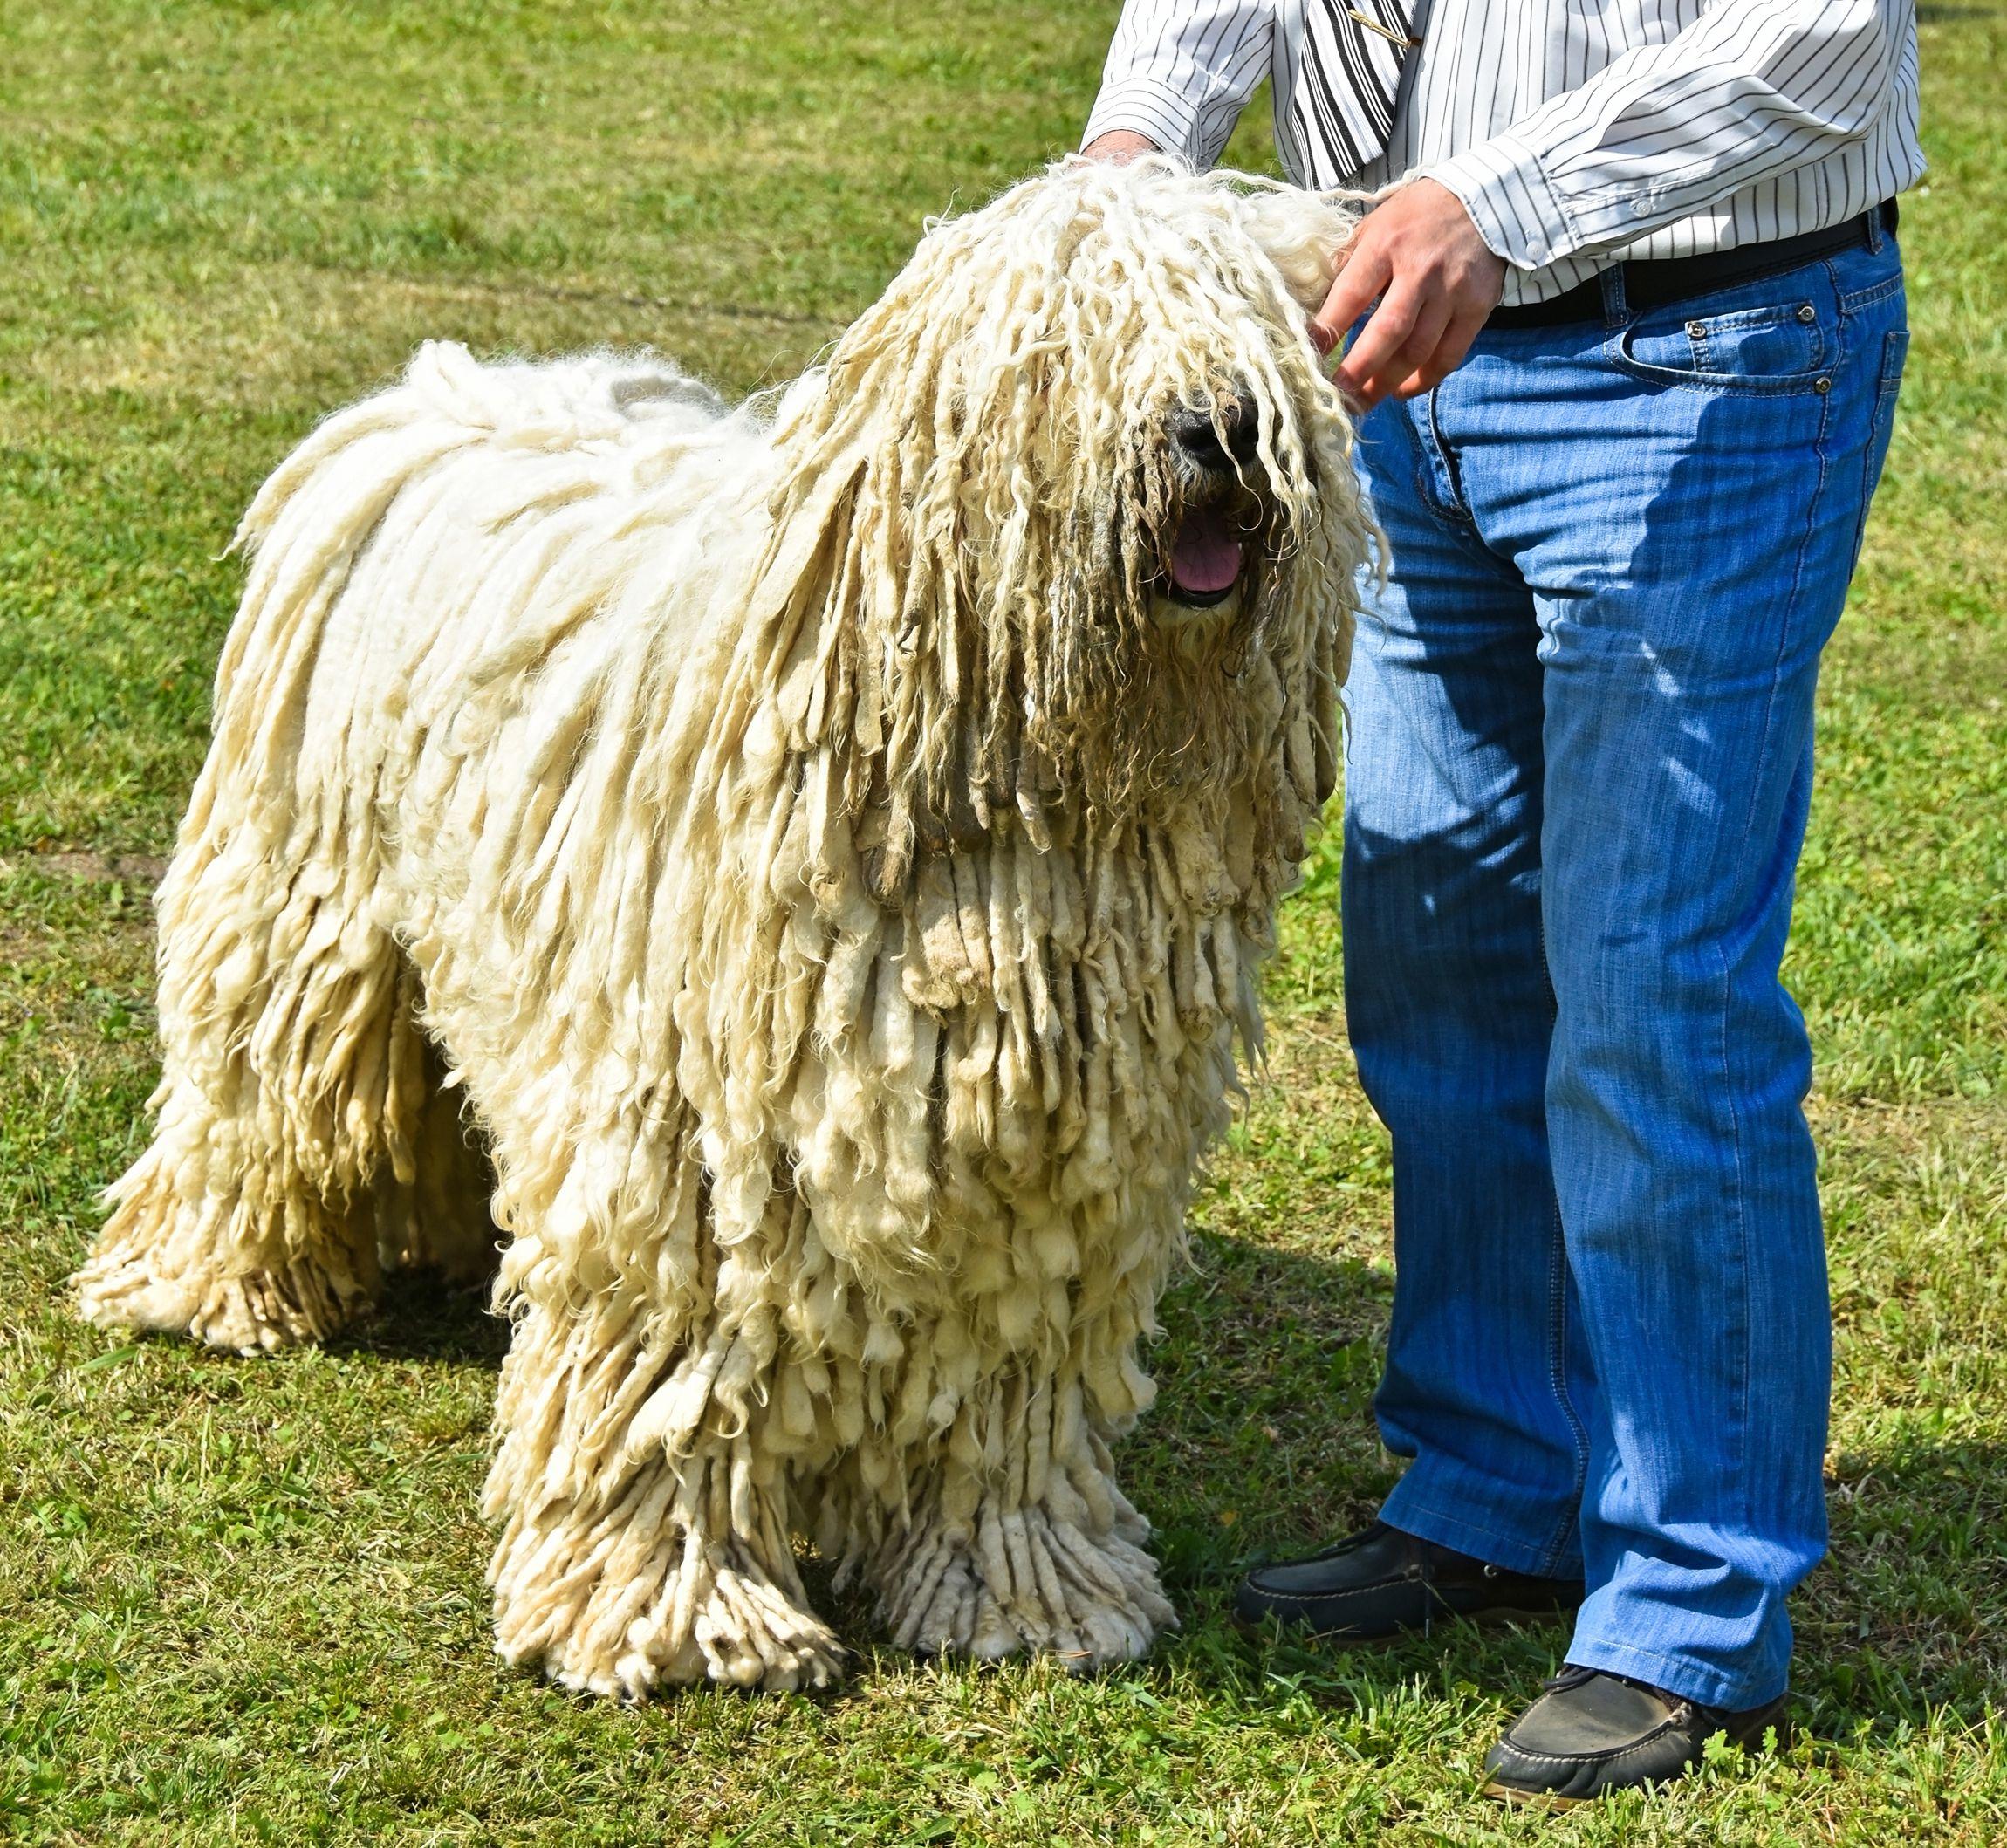 Komondor at a dog show.